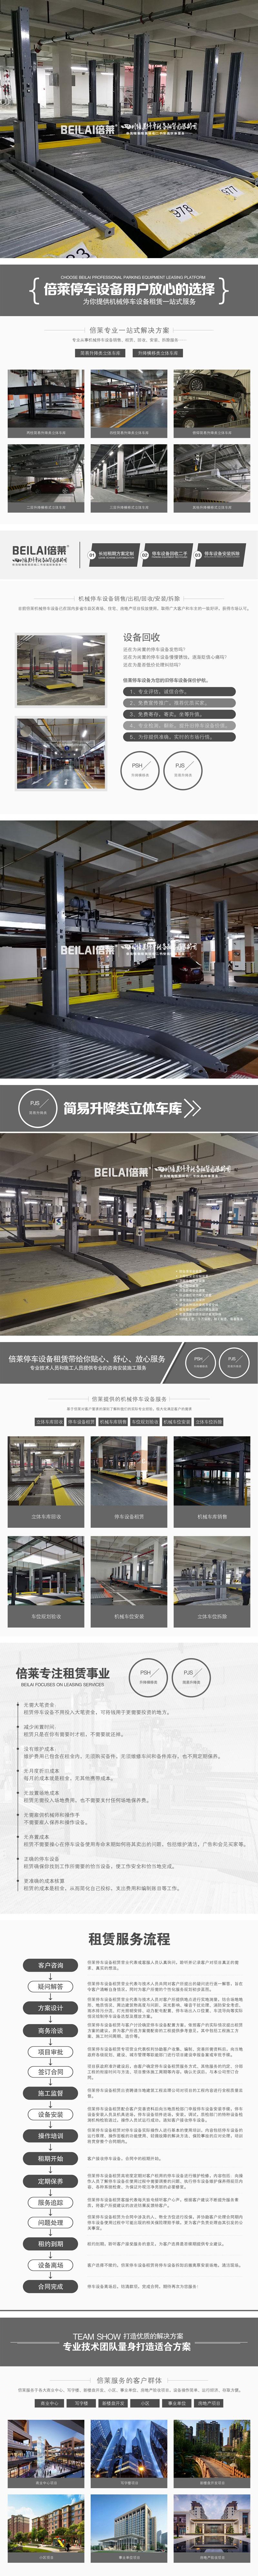 立體停車租賃公司貴州立體車庫設備定立體停車庫過規劃